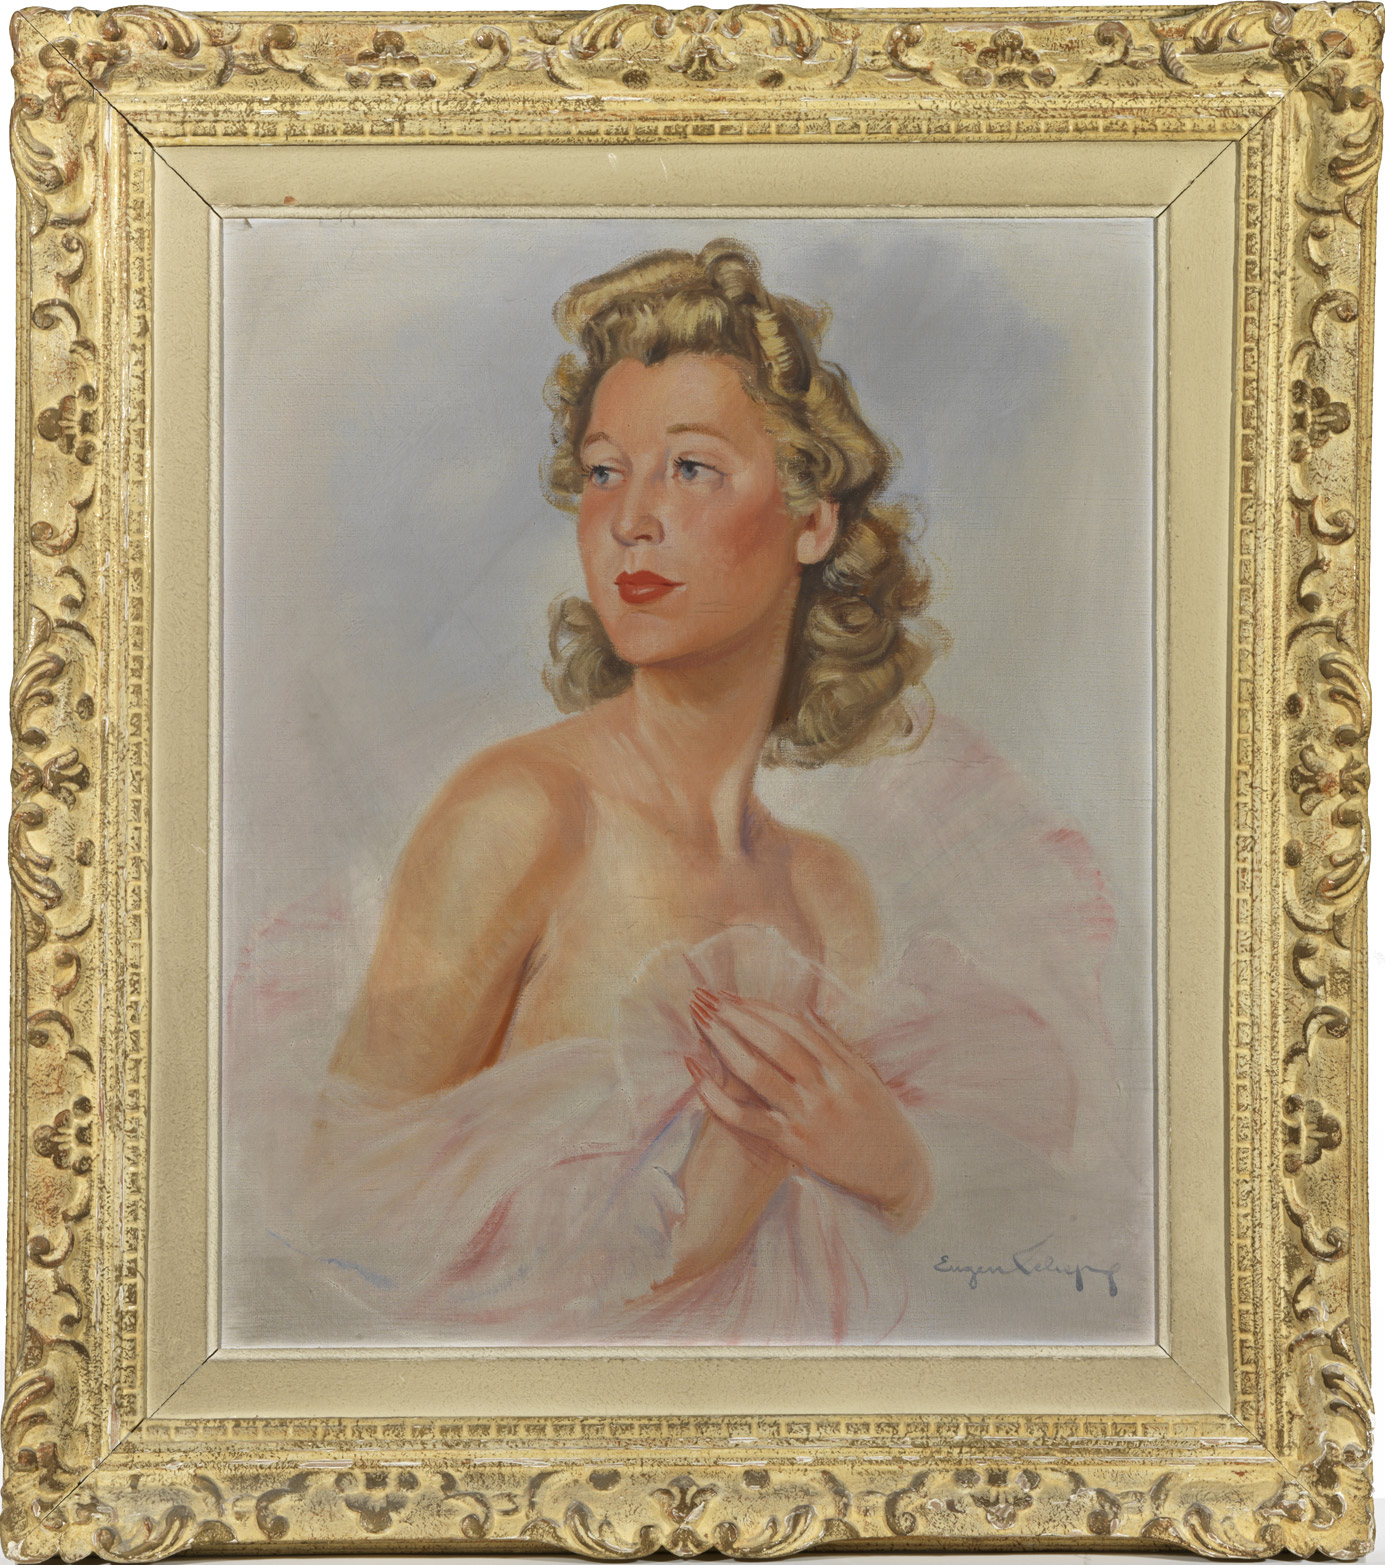 Portrait de la comtesse Roger Walewski - Patrimoine Charles-André COLONNA WALEWSKI, en ligne directe de Napoléon